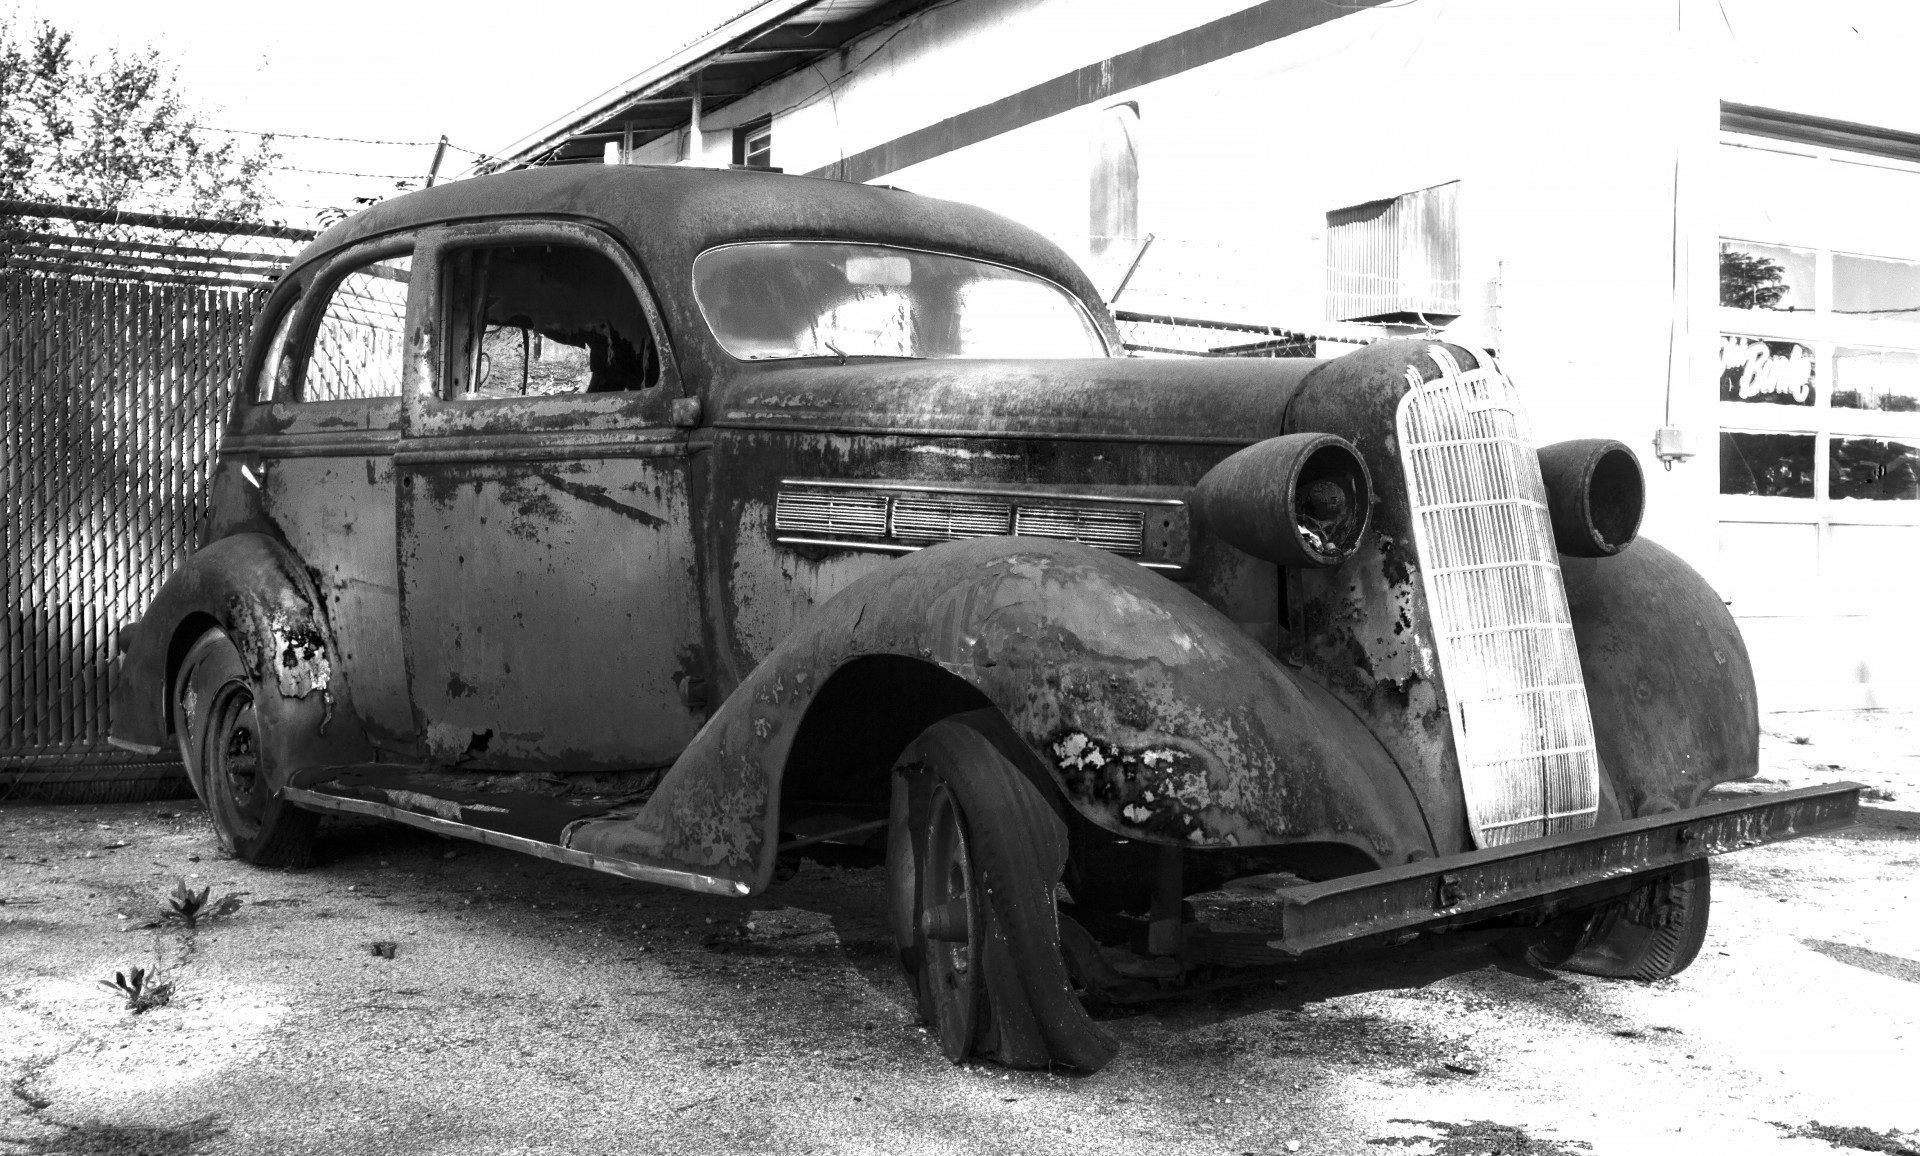 rusty car corrosion